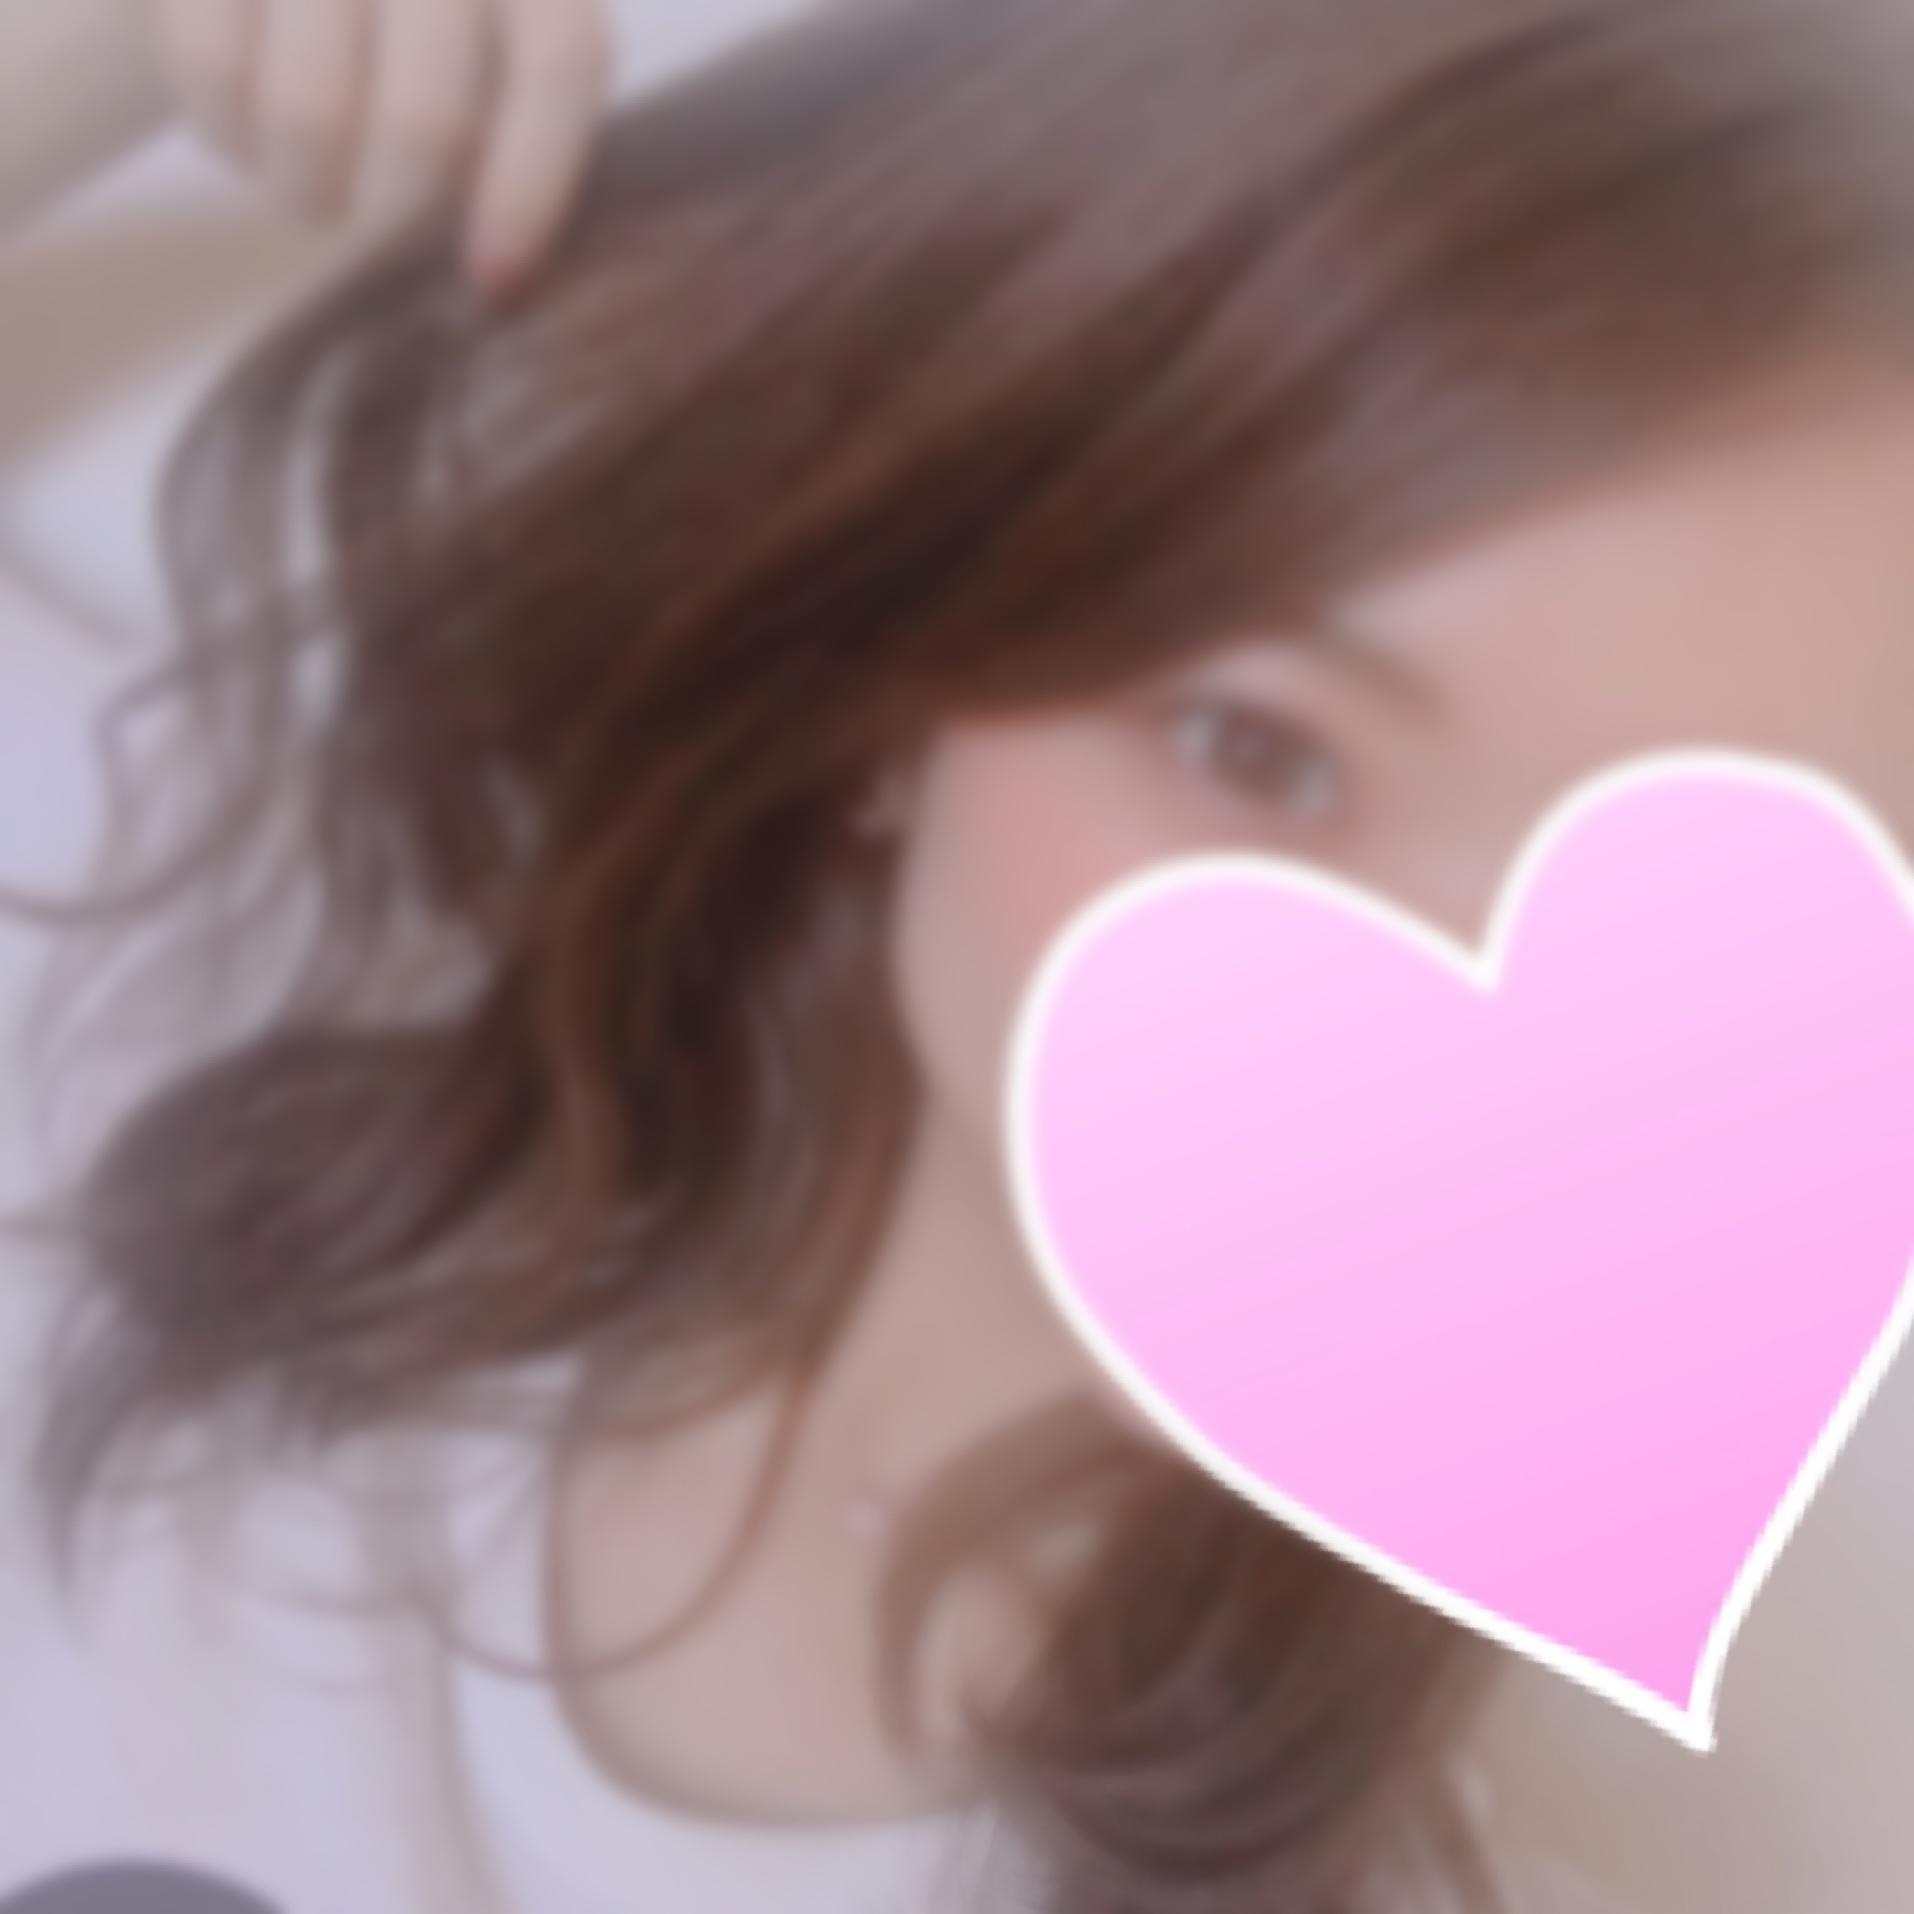 「キラキラ」05/26(土) 09:26   のぞみの写メ・風俗動画